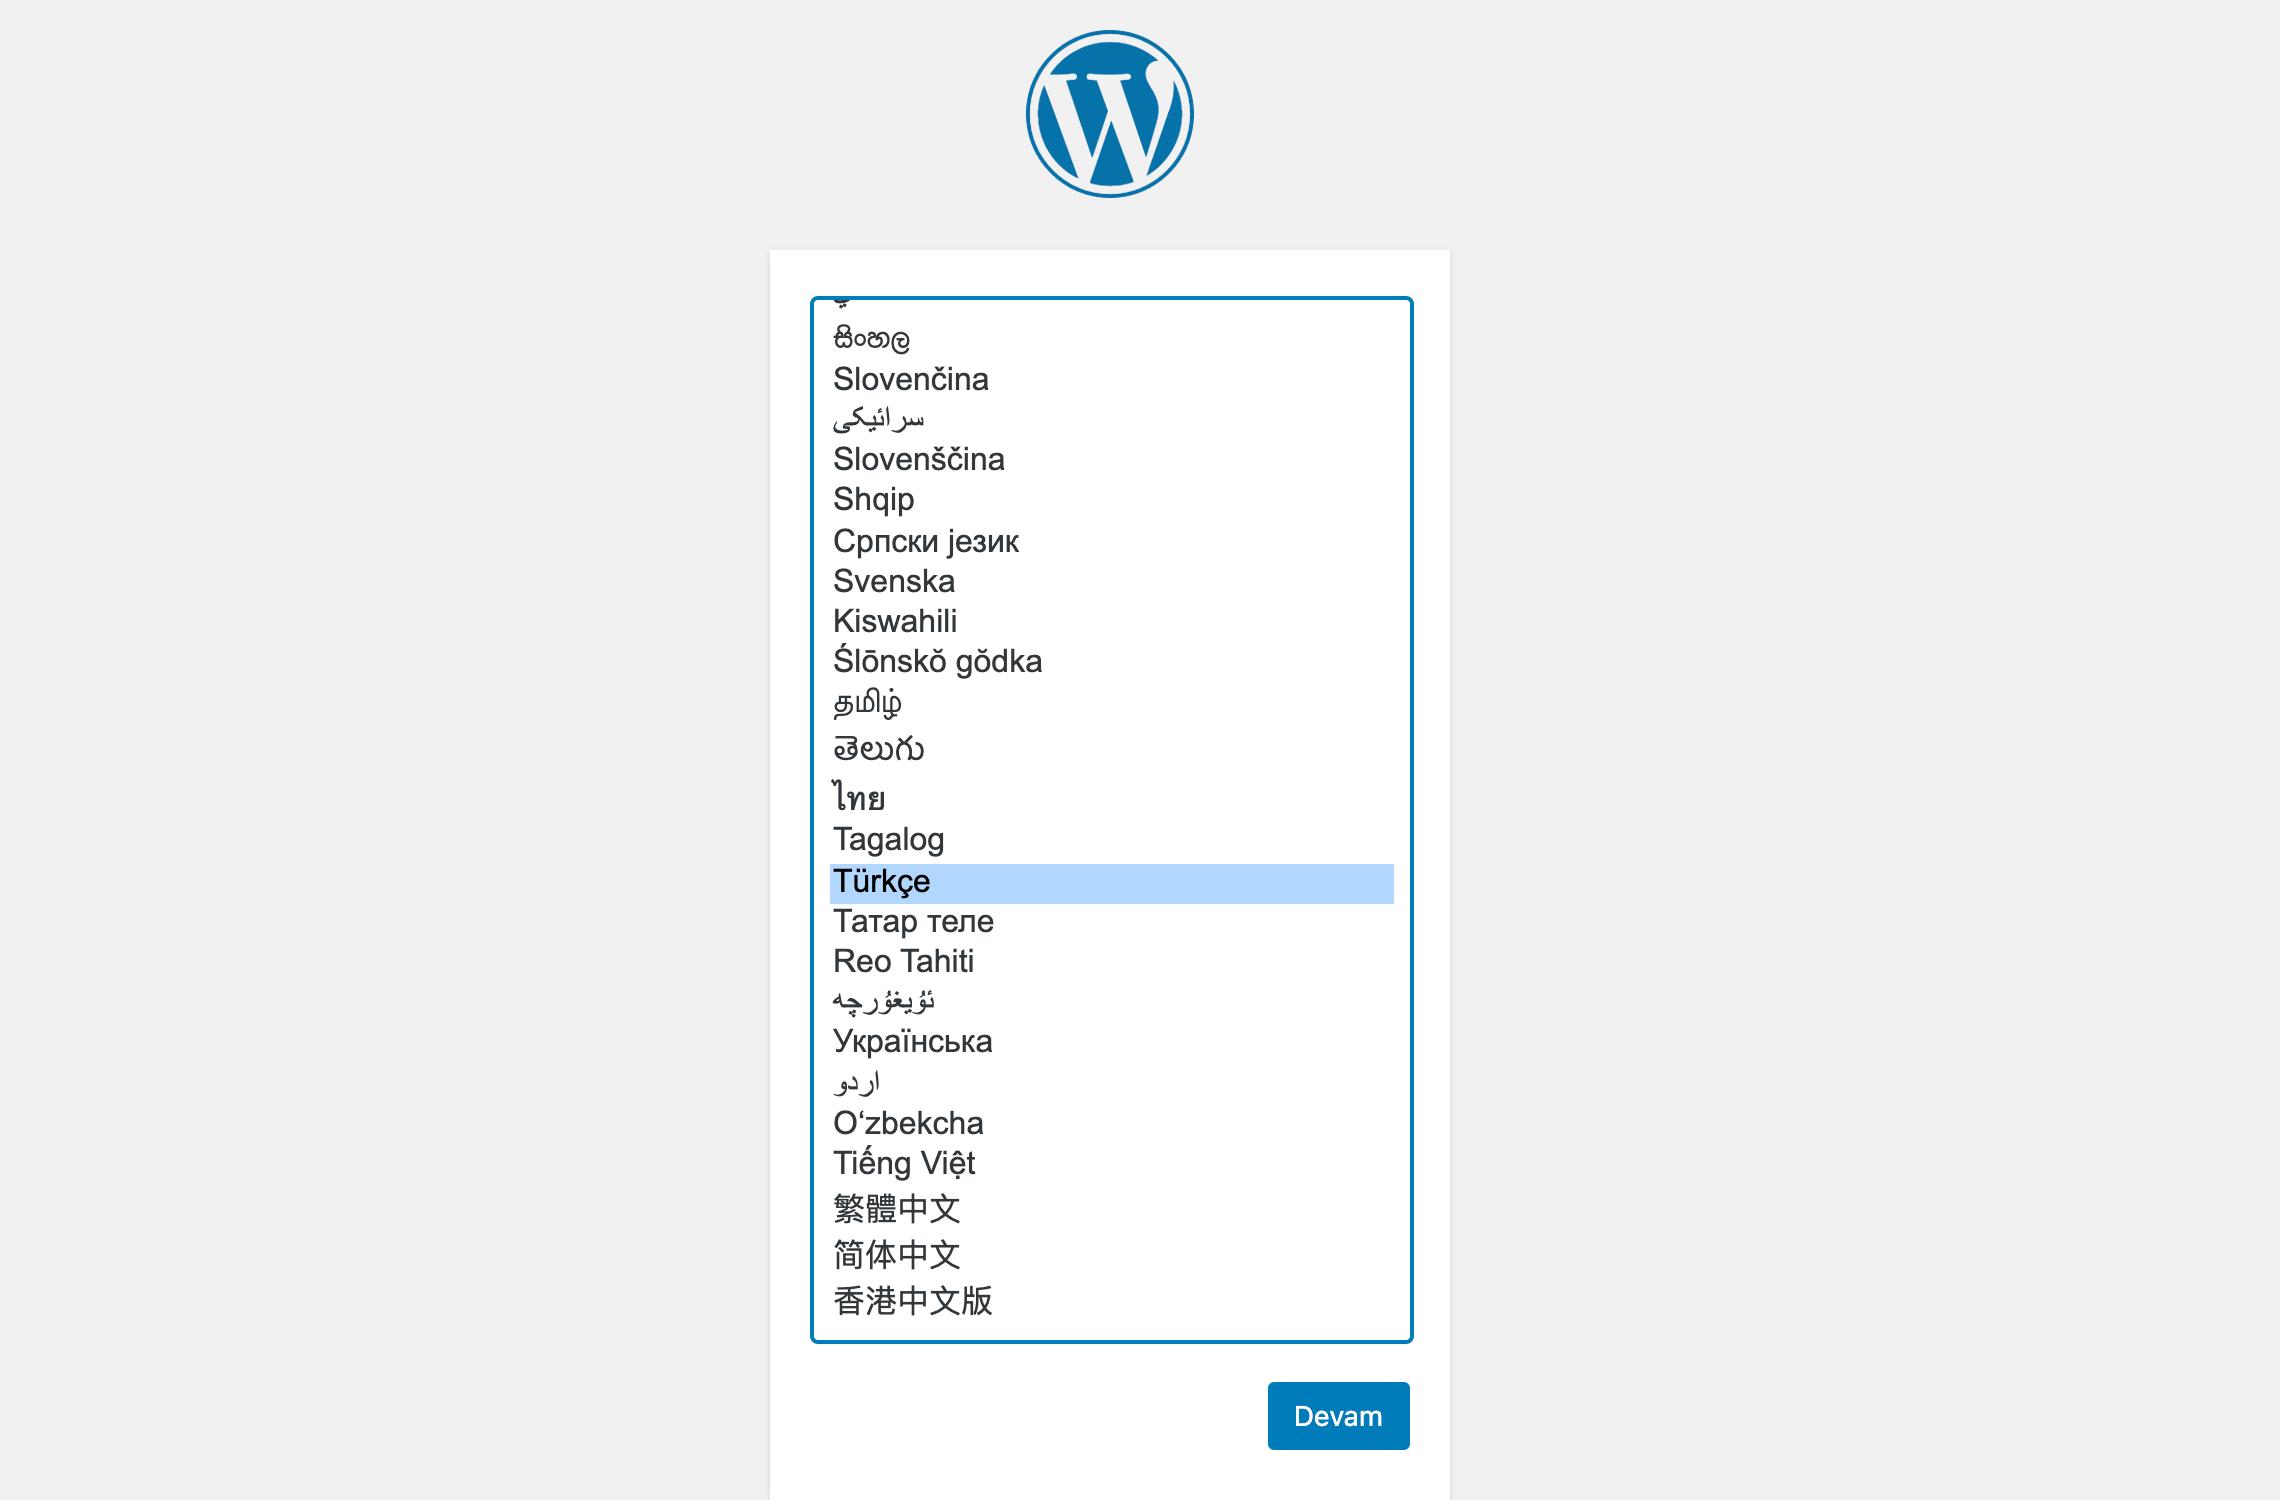 Wordpress Manuel kurulum dil seçim sayfası